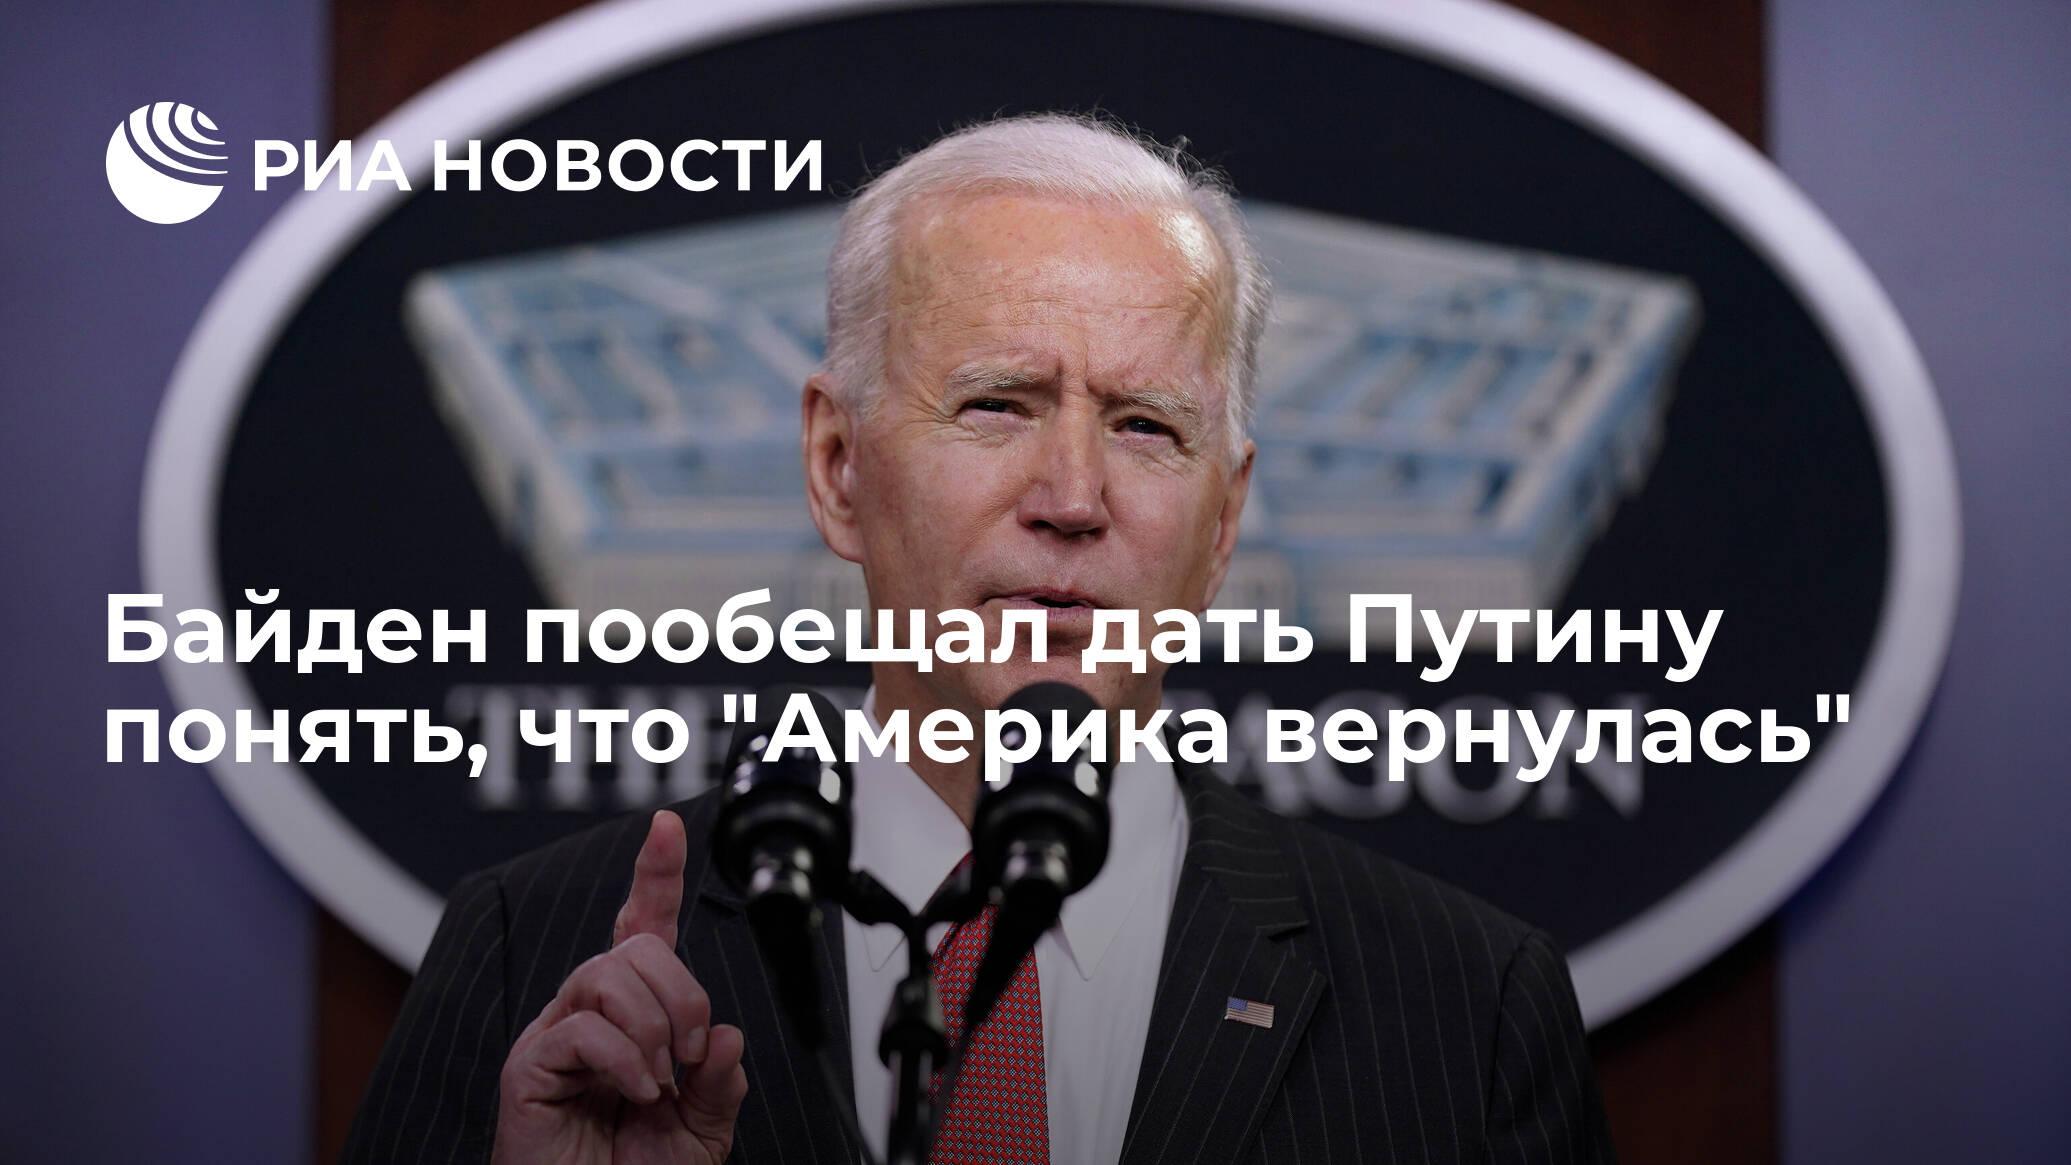 """Байден пообещал дать Путину понять, что """"Америка вернулась"""""""